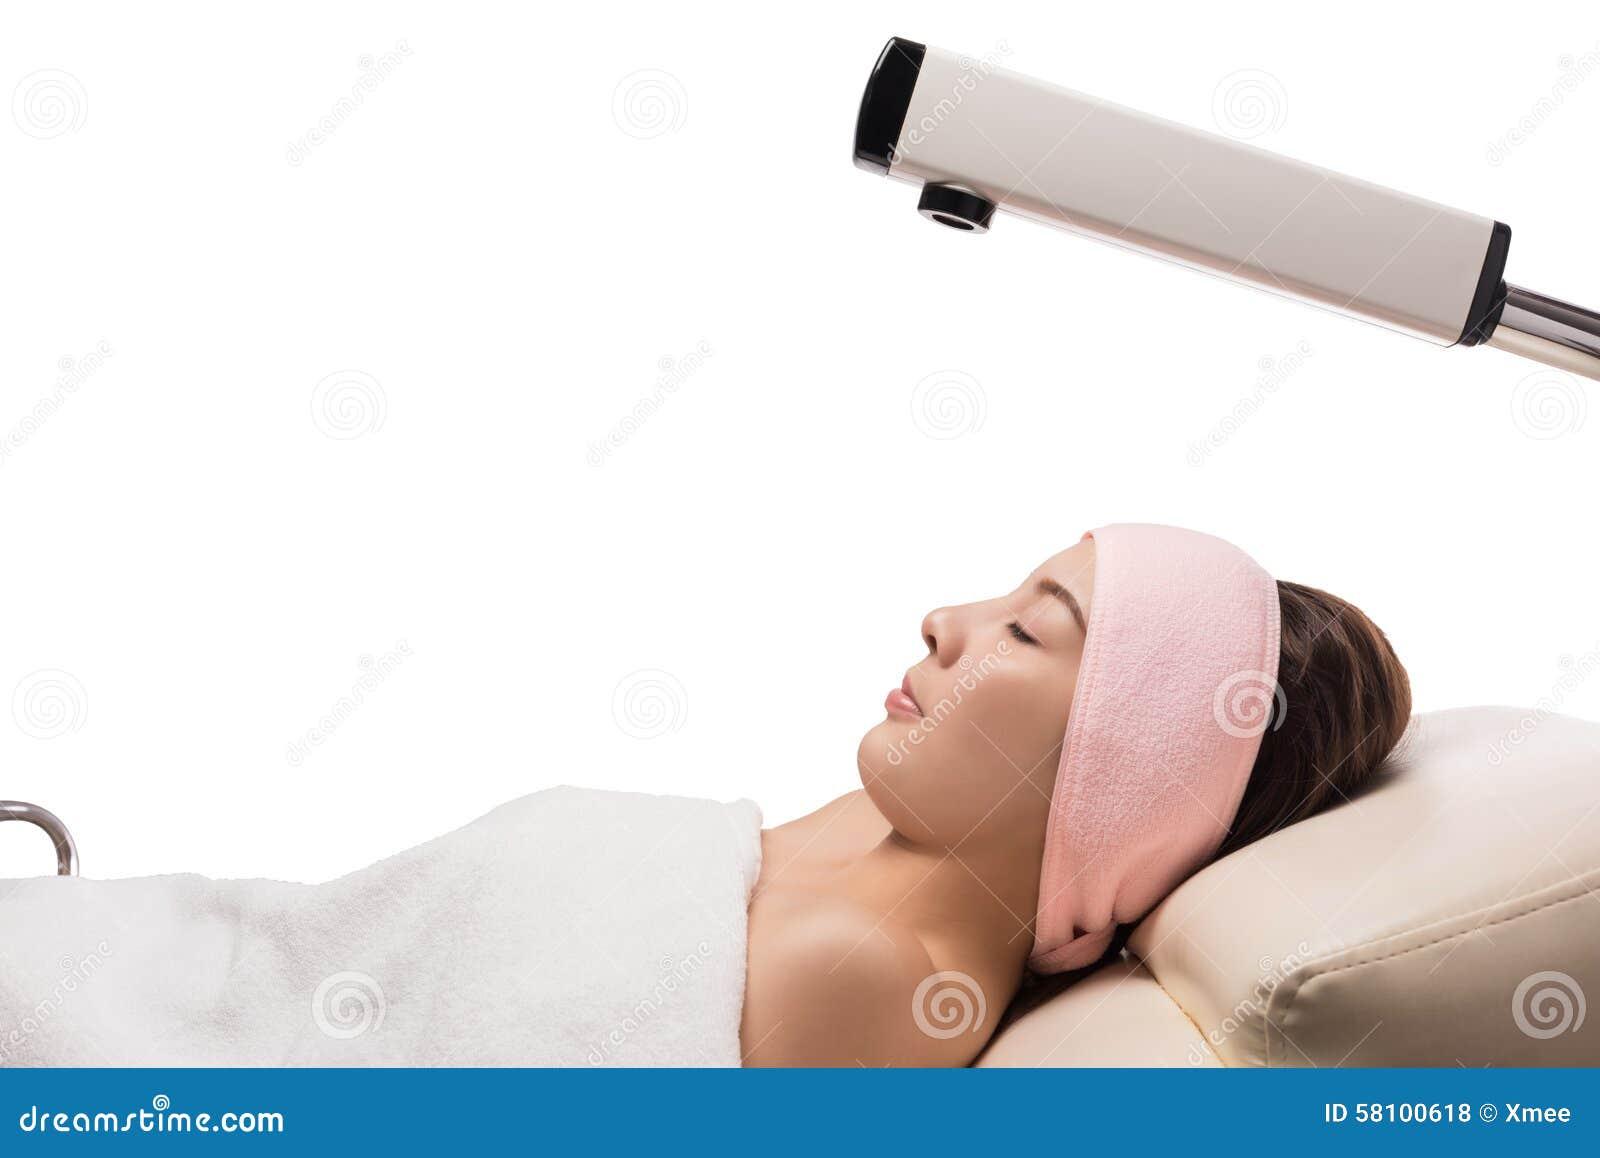 Traitement de beauté de peau de visage avec le vapeur facial de l ozone dans la station thermale, traitement à la vapeur facial